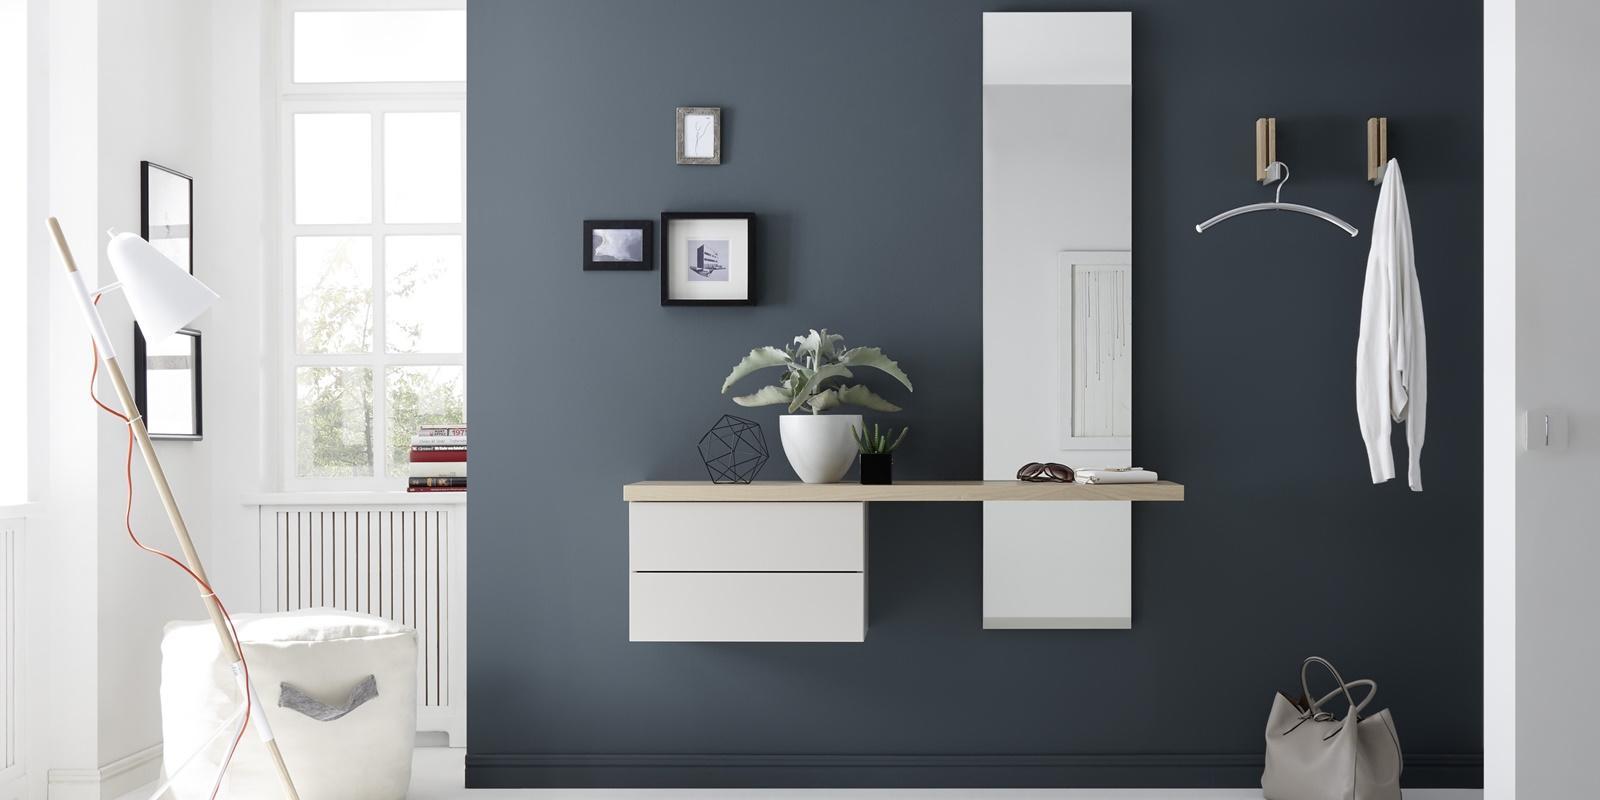 Sudbrock- Garderobe weiss-blau mit Regal und Wandhaken